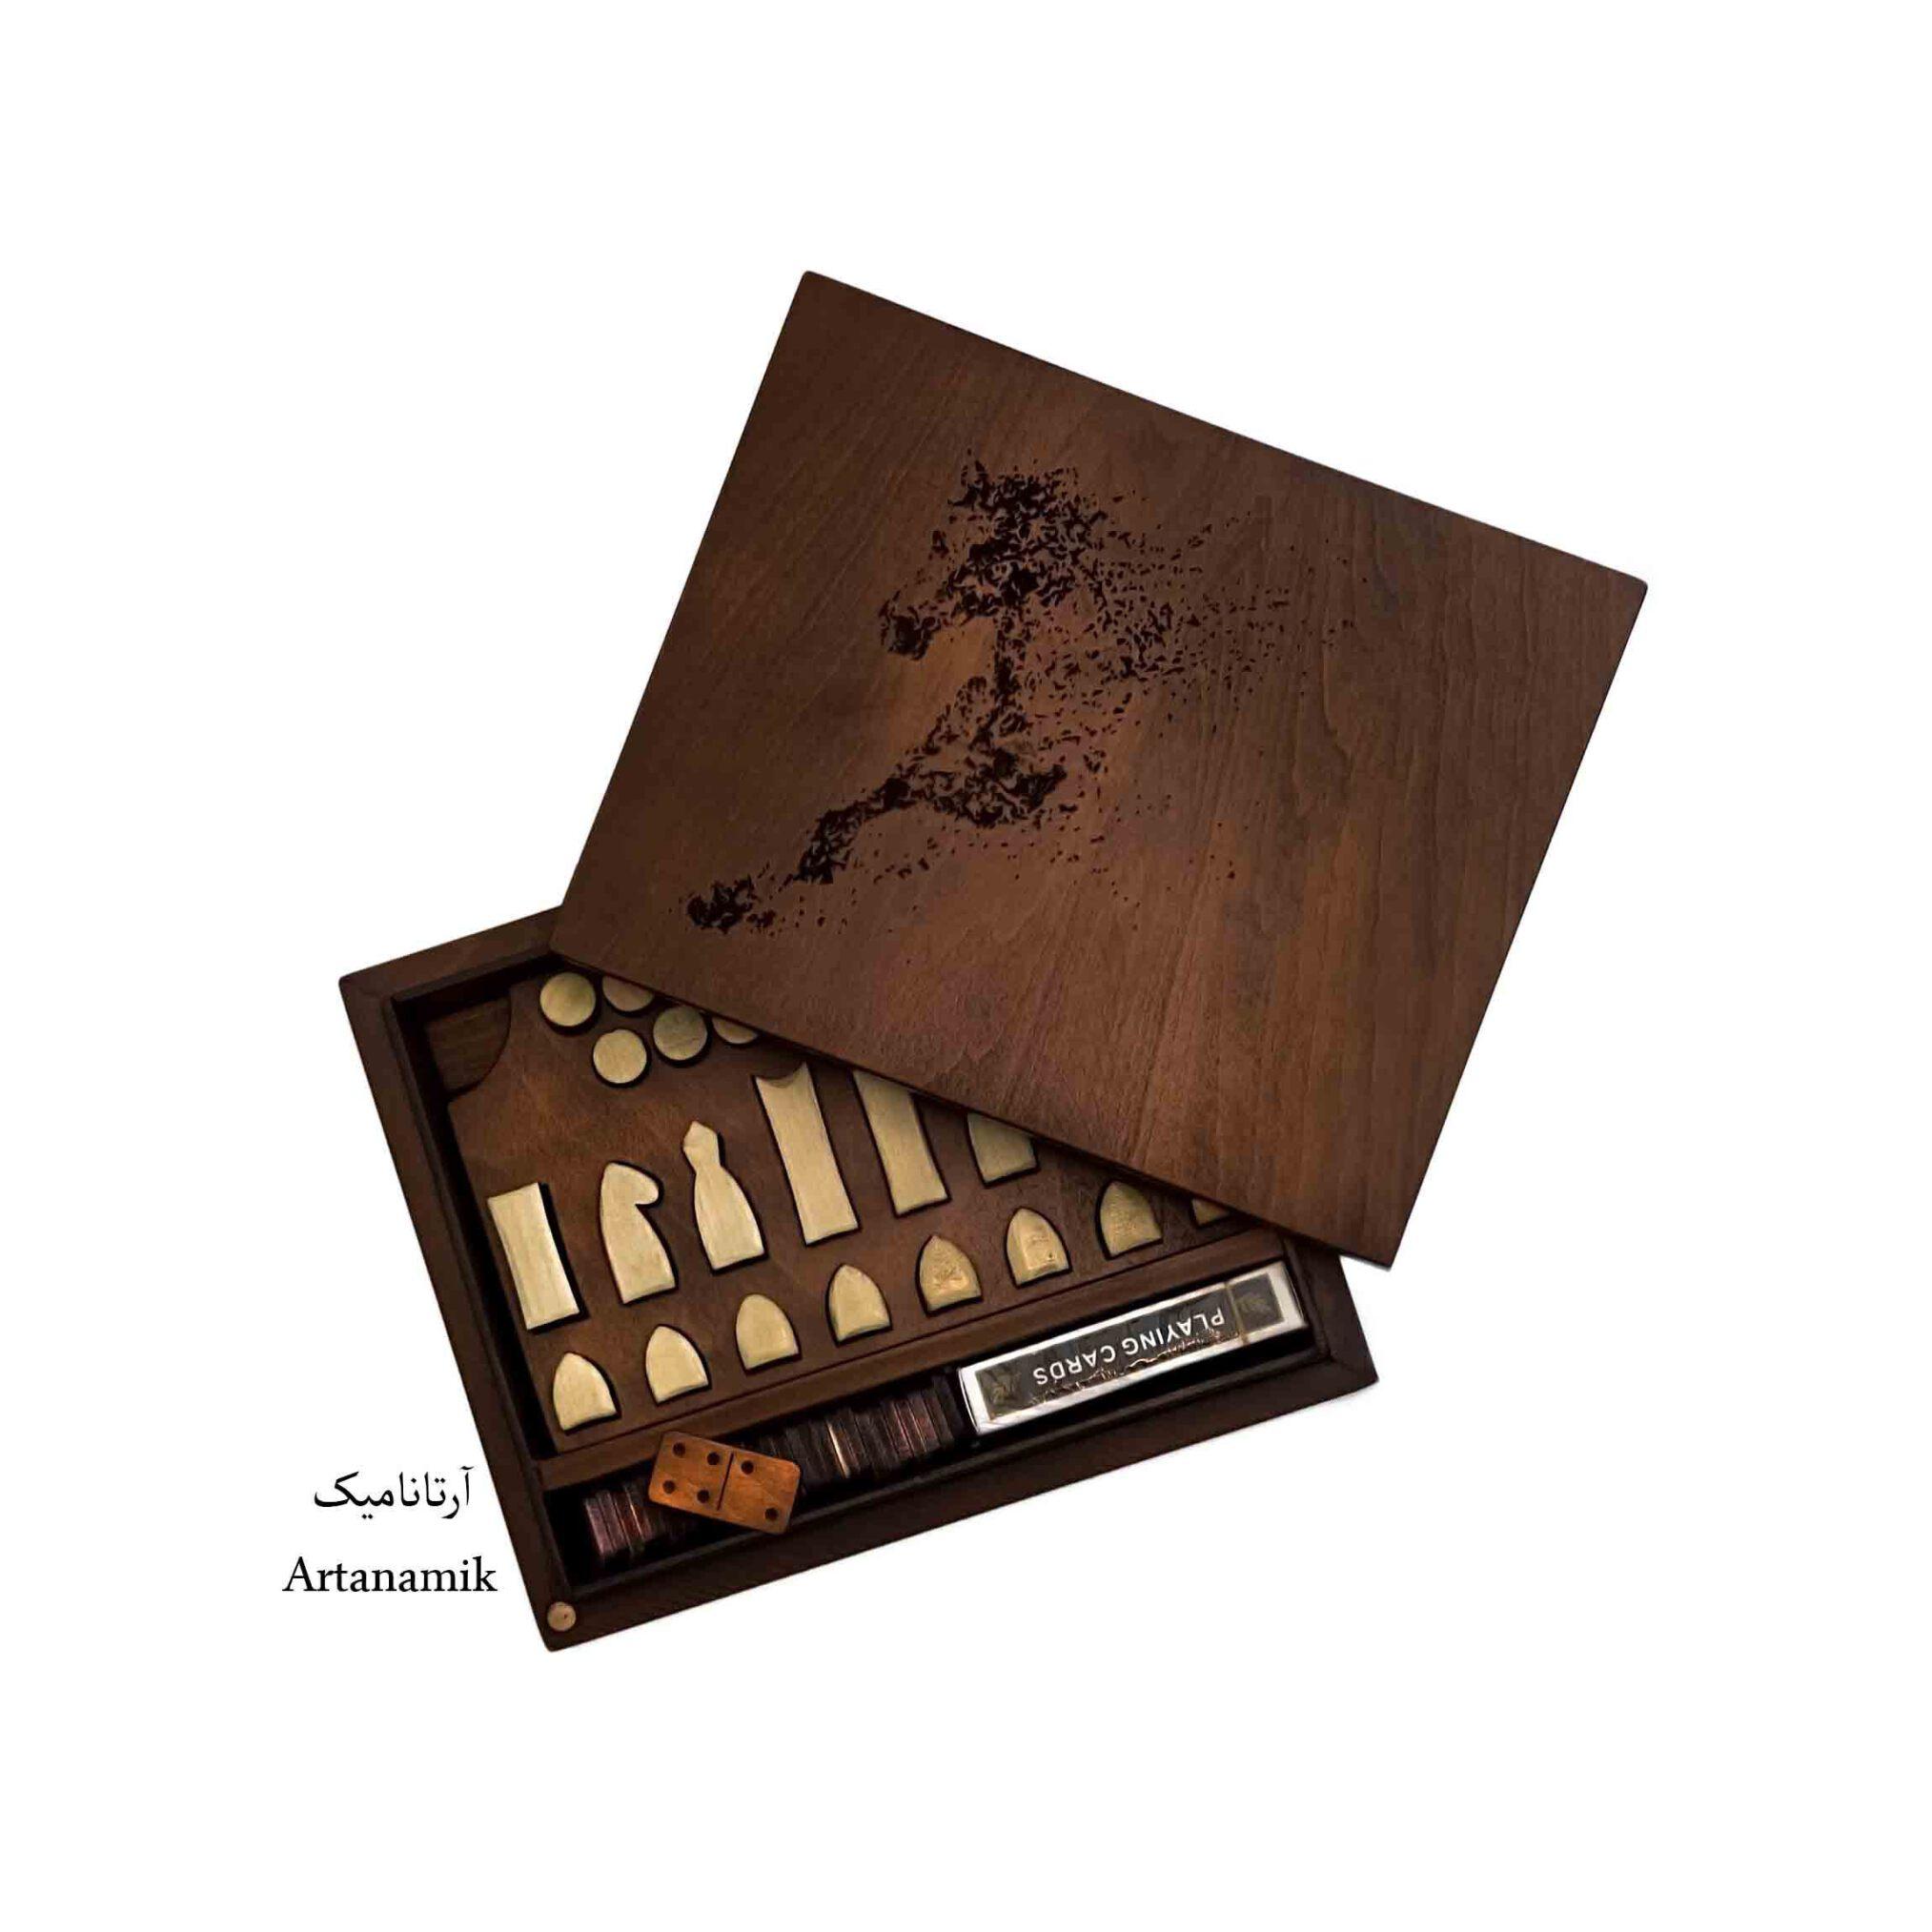 باکس کادویی شامل 4 بازی : شطرنج ، دومینو ، کارت ، تخته نرد کادویی.